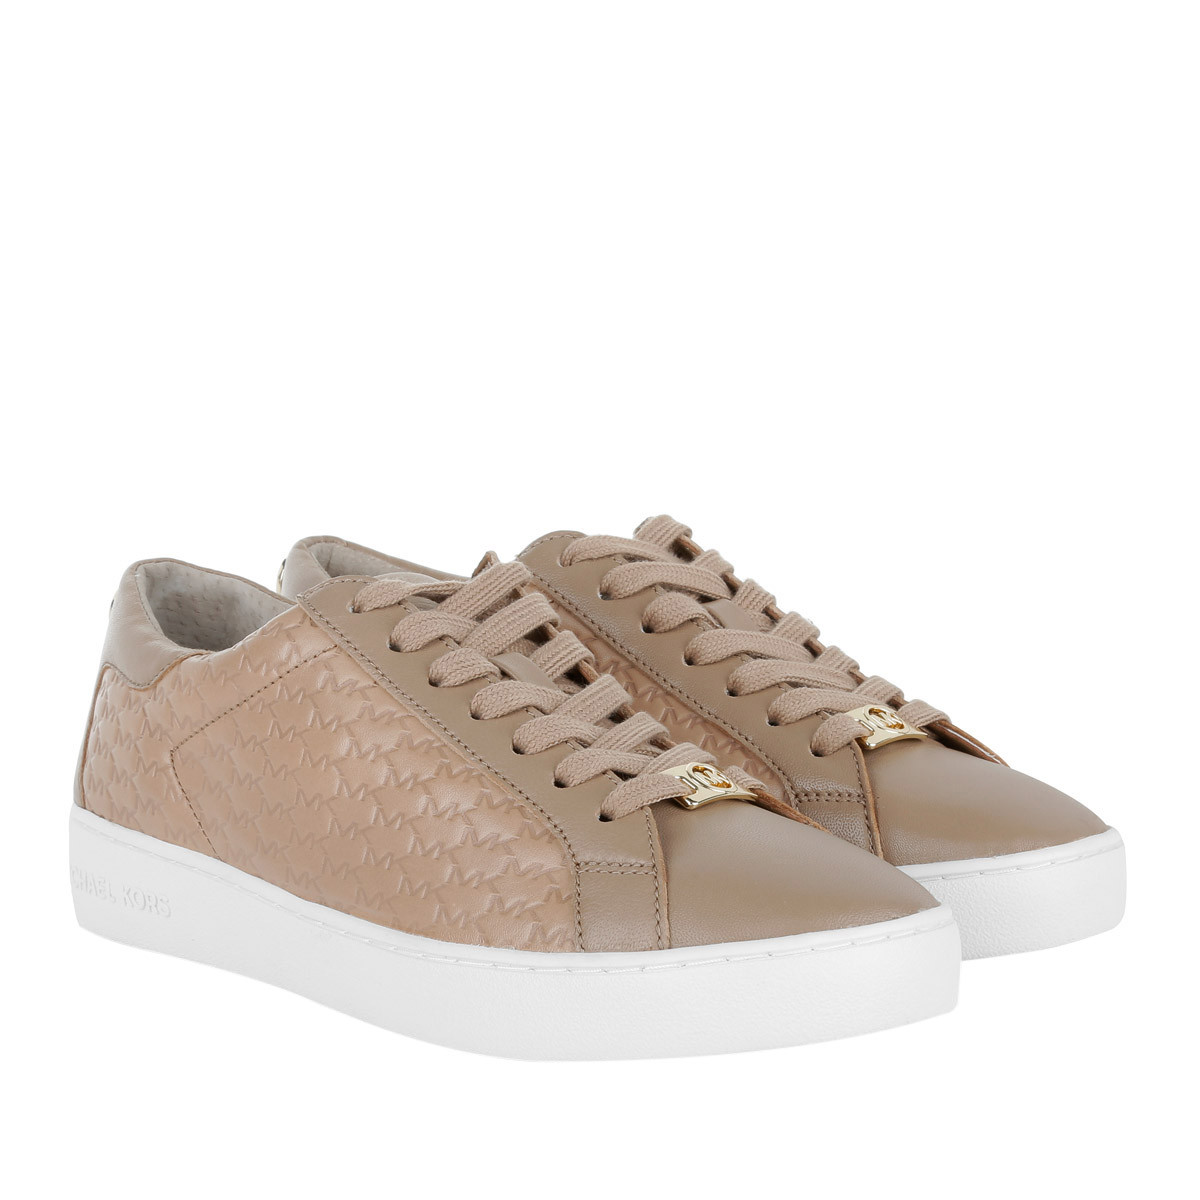 Michael Kors Sneakers - Colby Sneaker Embossed Leather Dark Khaki - in braun - für Damen